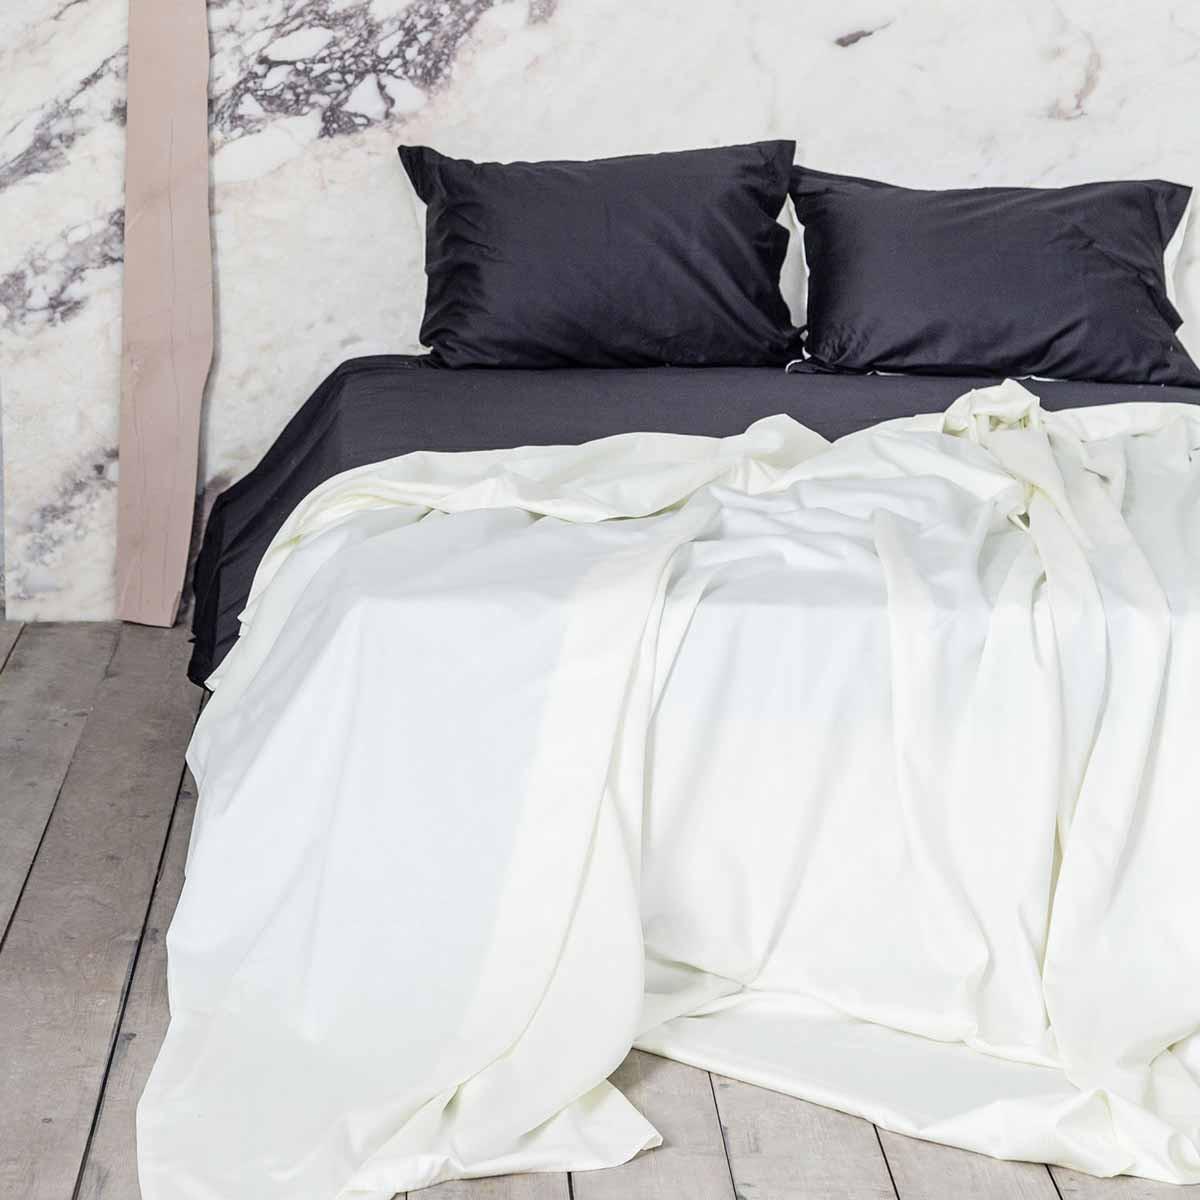 Σεντόνια Υπέρδιπλα (Σετ) Nima Elegance Ivory/Black